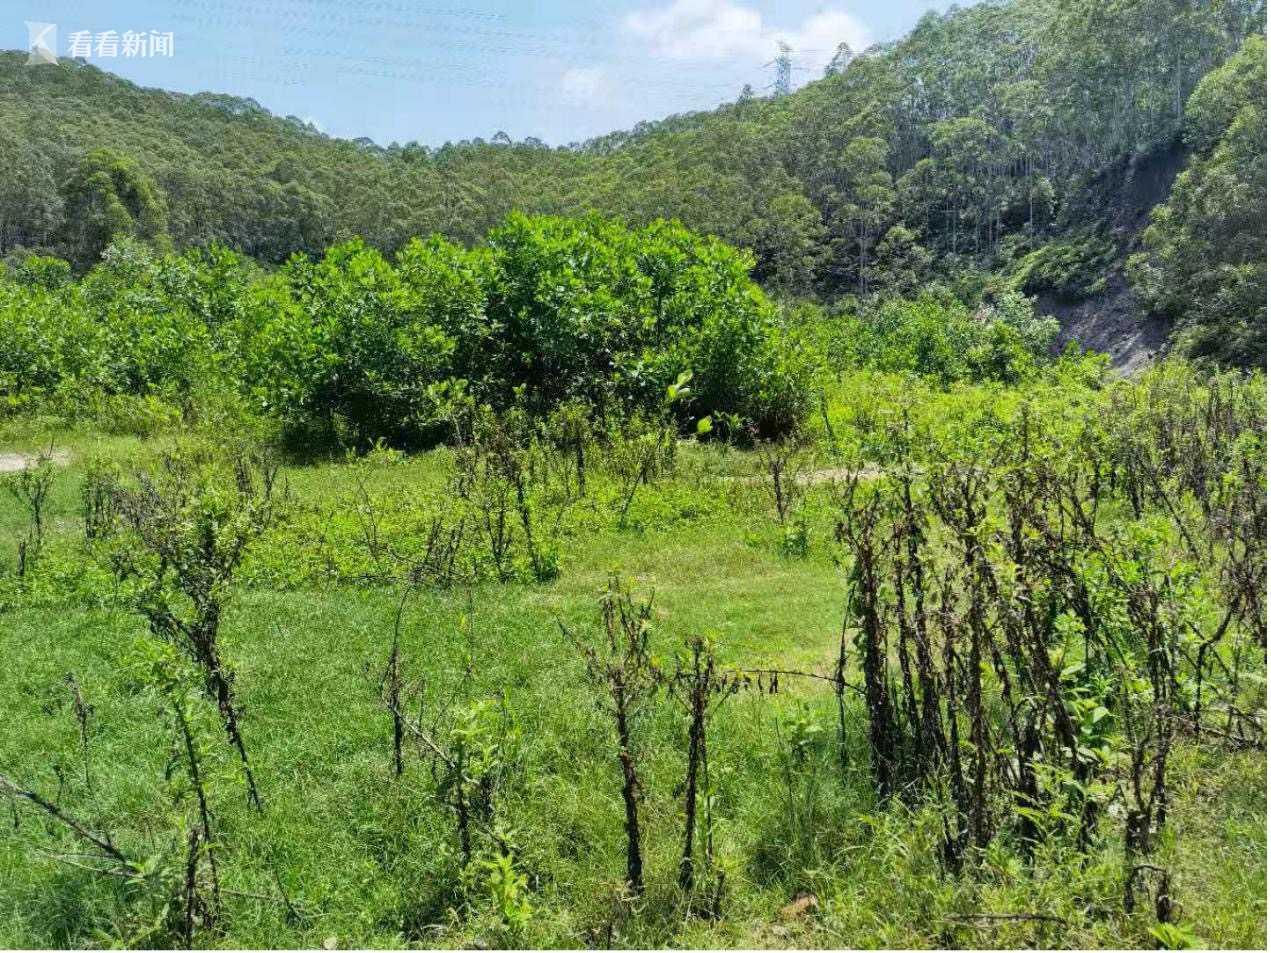 (图3:炭步镇政府组织第三方公司对垃圾山清运后进行生态复绿)